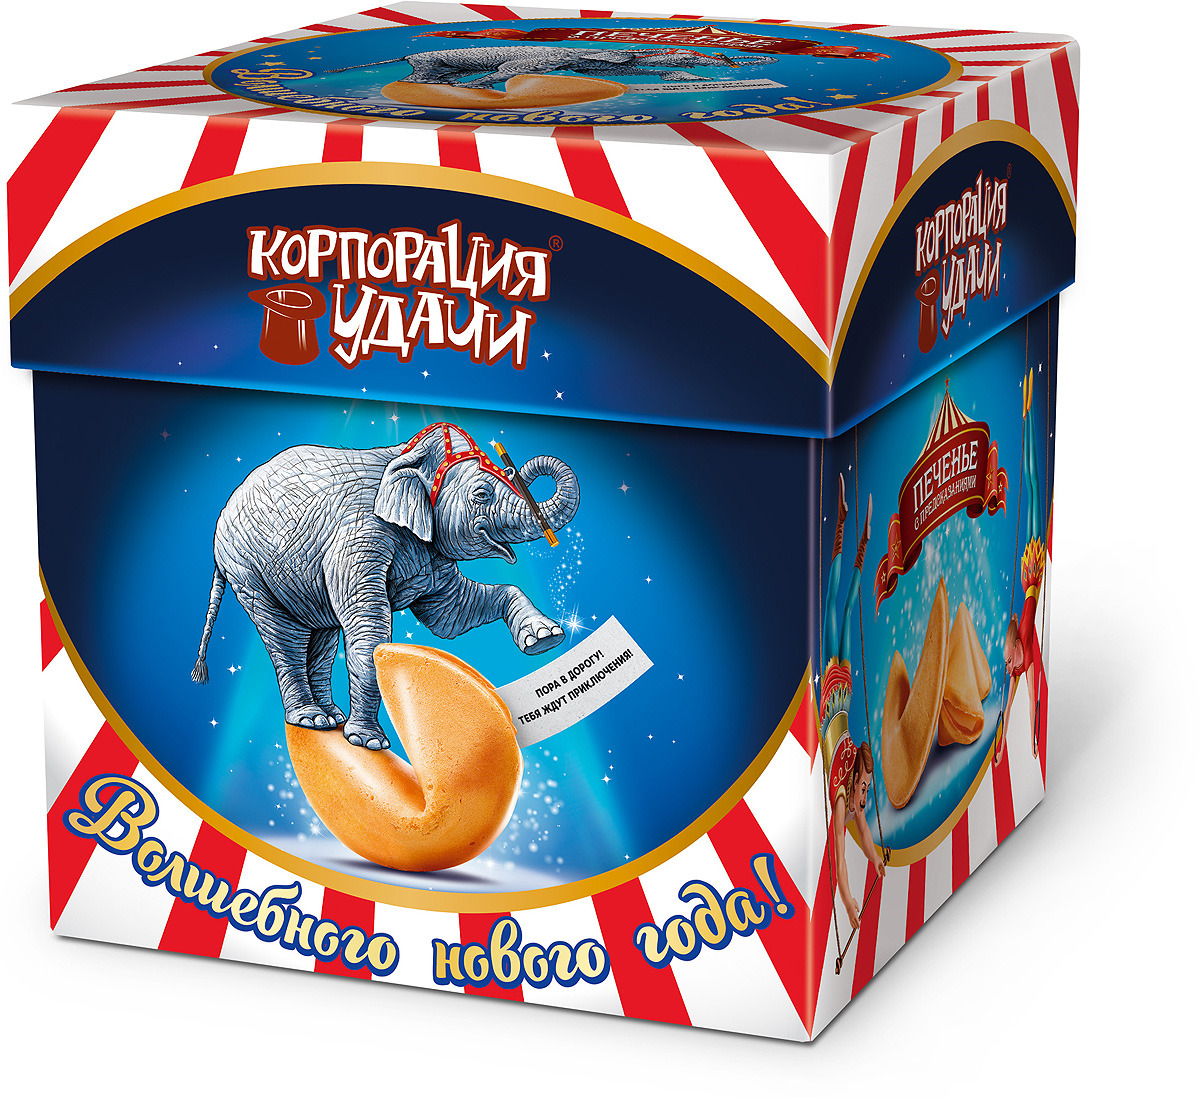 Печенье песочное с предсказанием удачи Корпорация Удачи Новогоднее. Цирк, 35 г campbells teddy bears печенье песочное 175 г